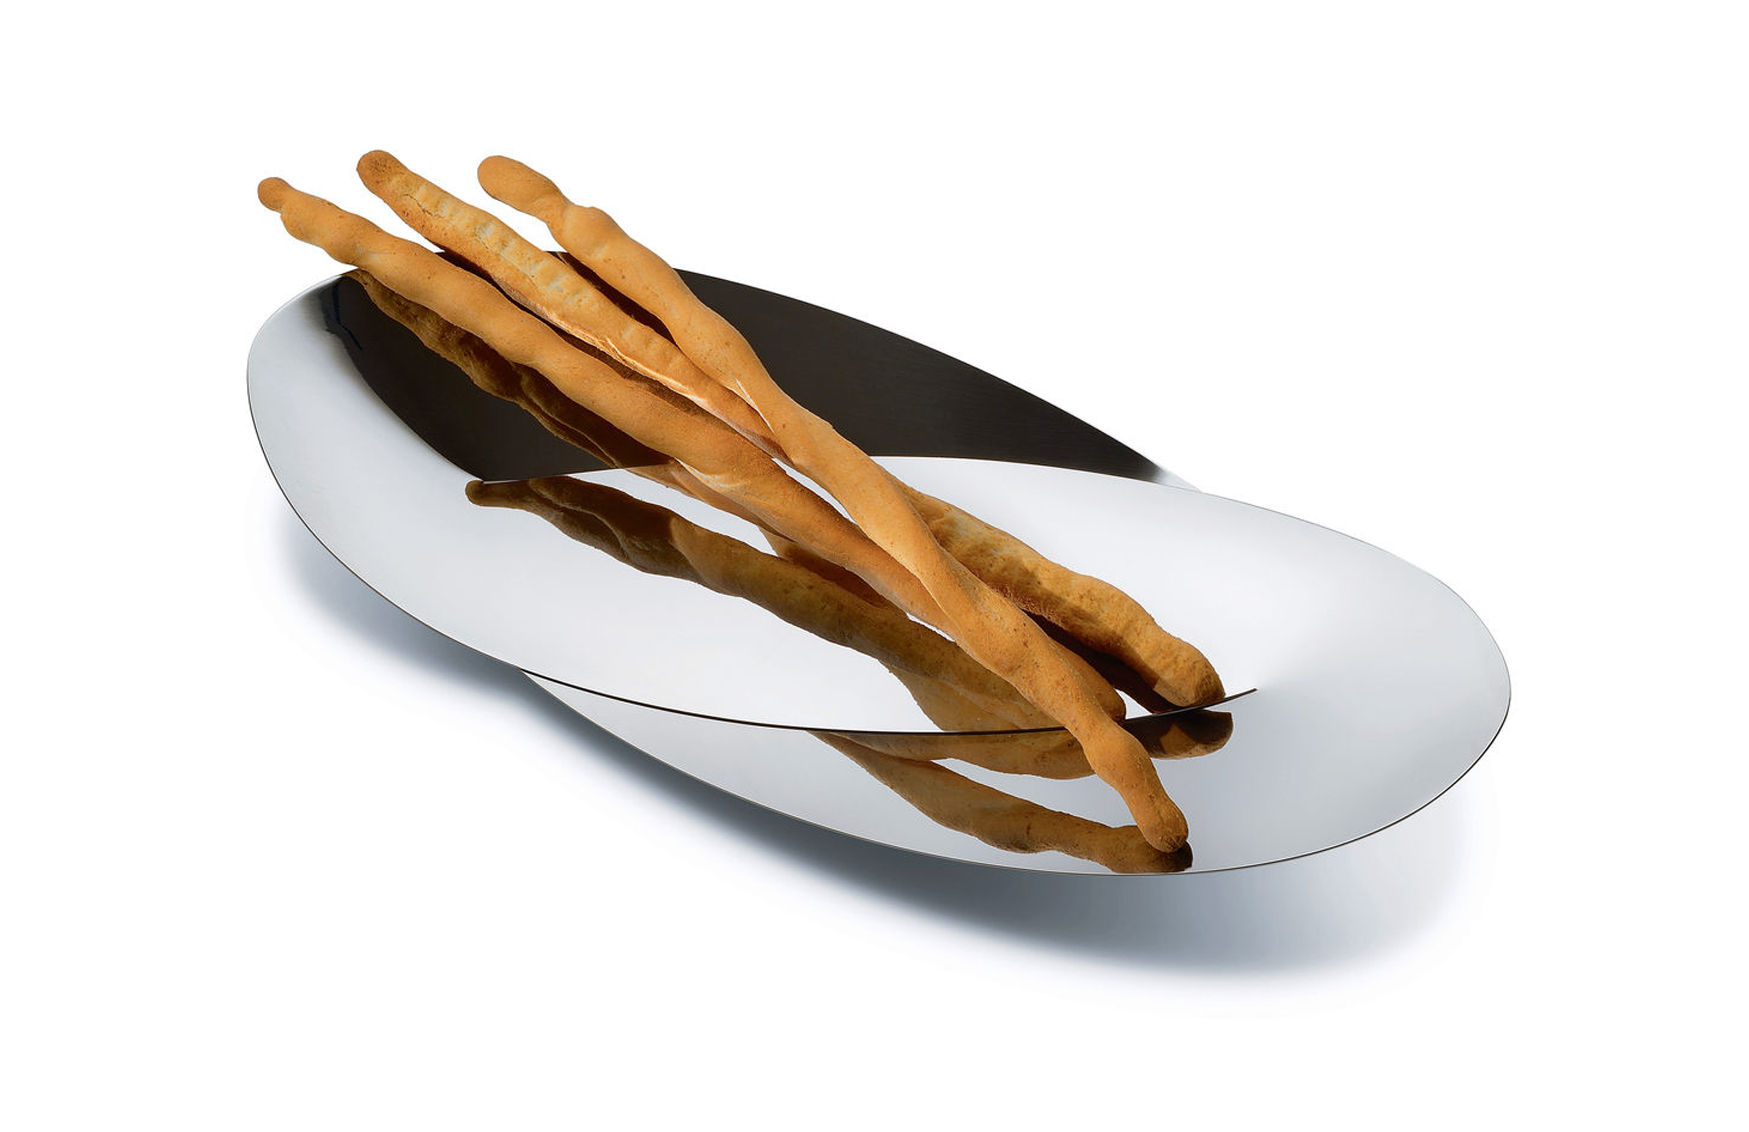 Arts de la table - Corbeilles, centres de table - Corbeille Octave / Pour pain ou grissini - L 41.5 cm - Alessi - Acier poli - Acier inoxydable 18/10